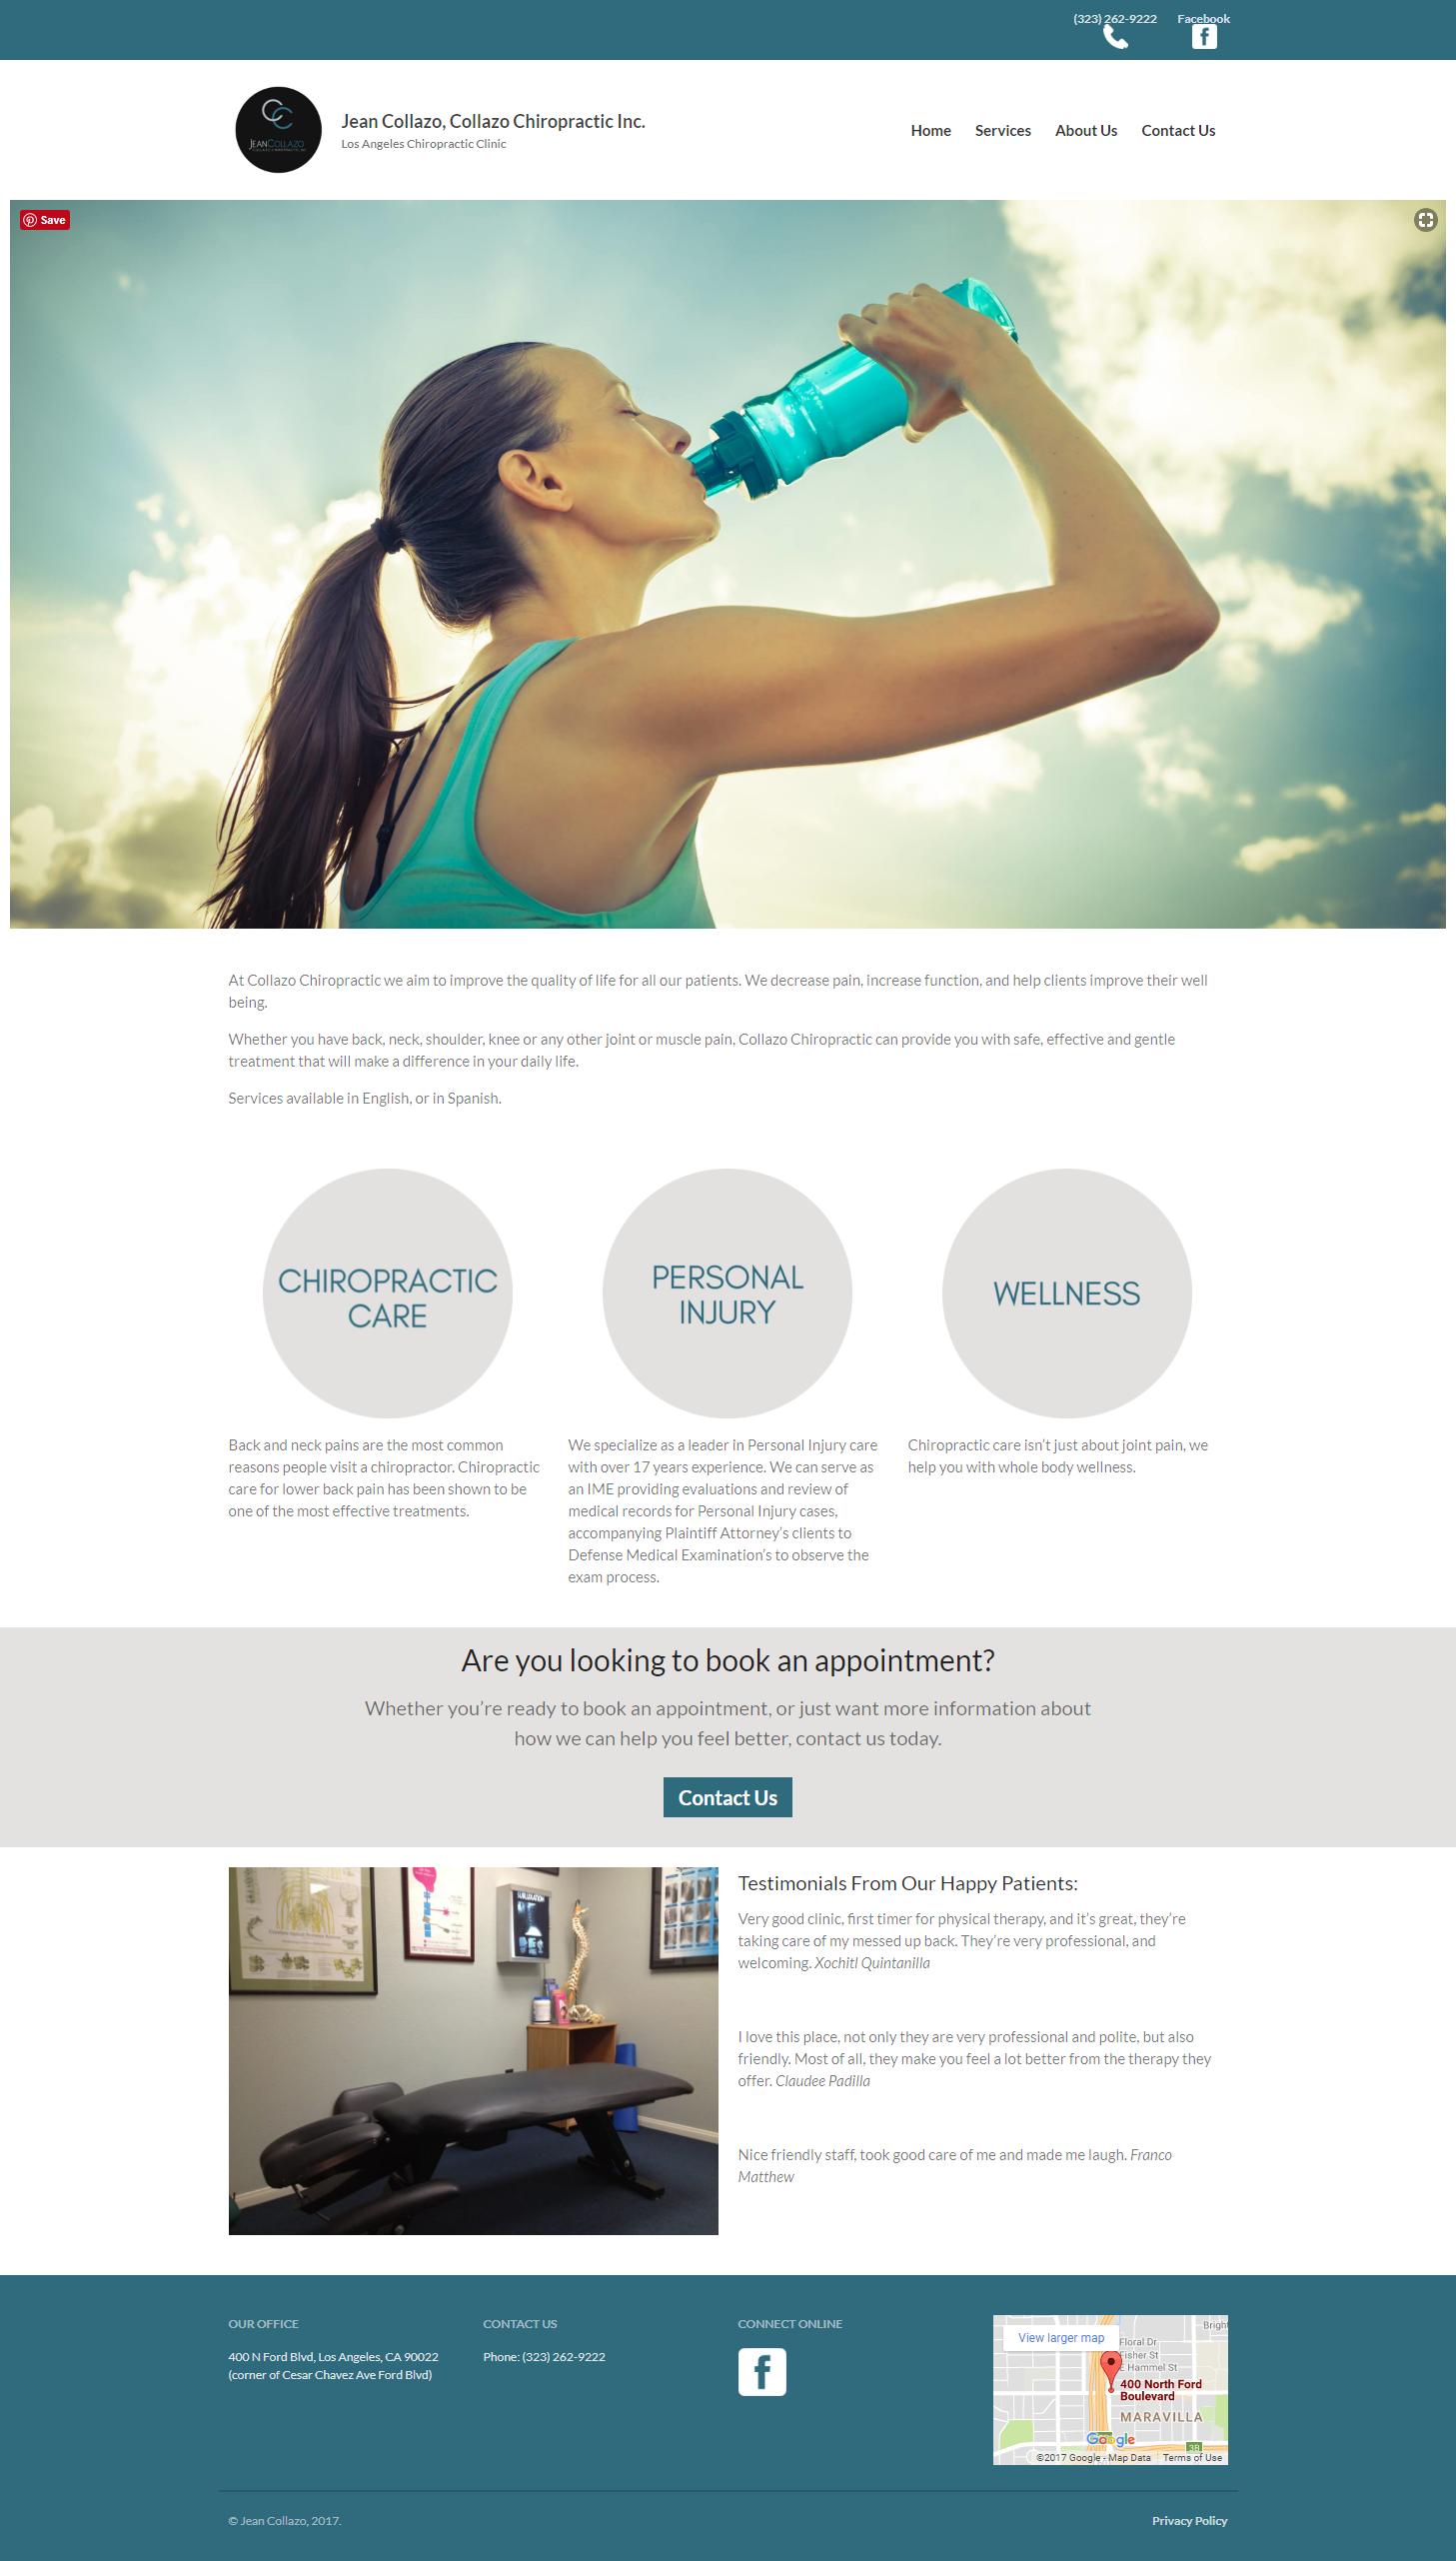 Collazo Chiropractic Inc website screenshot